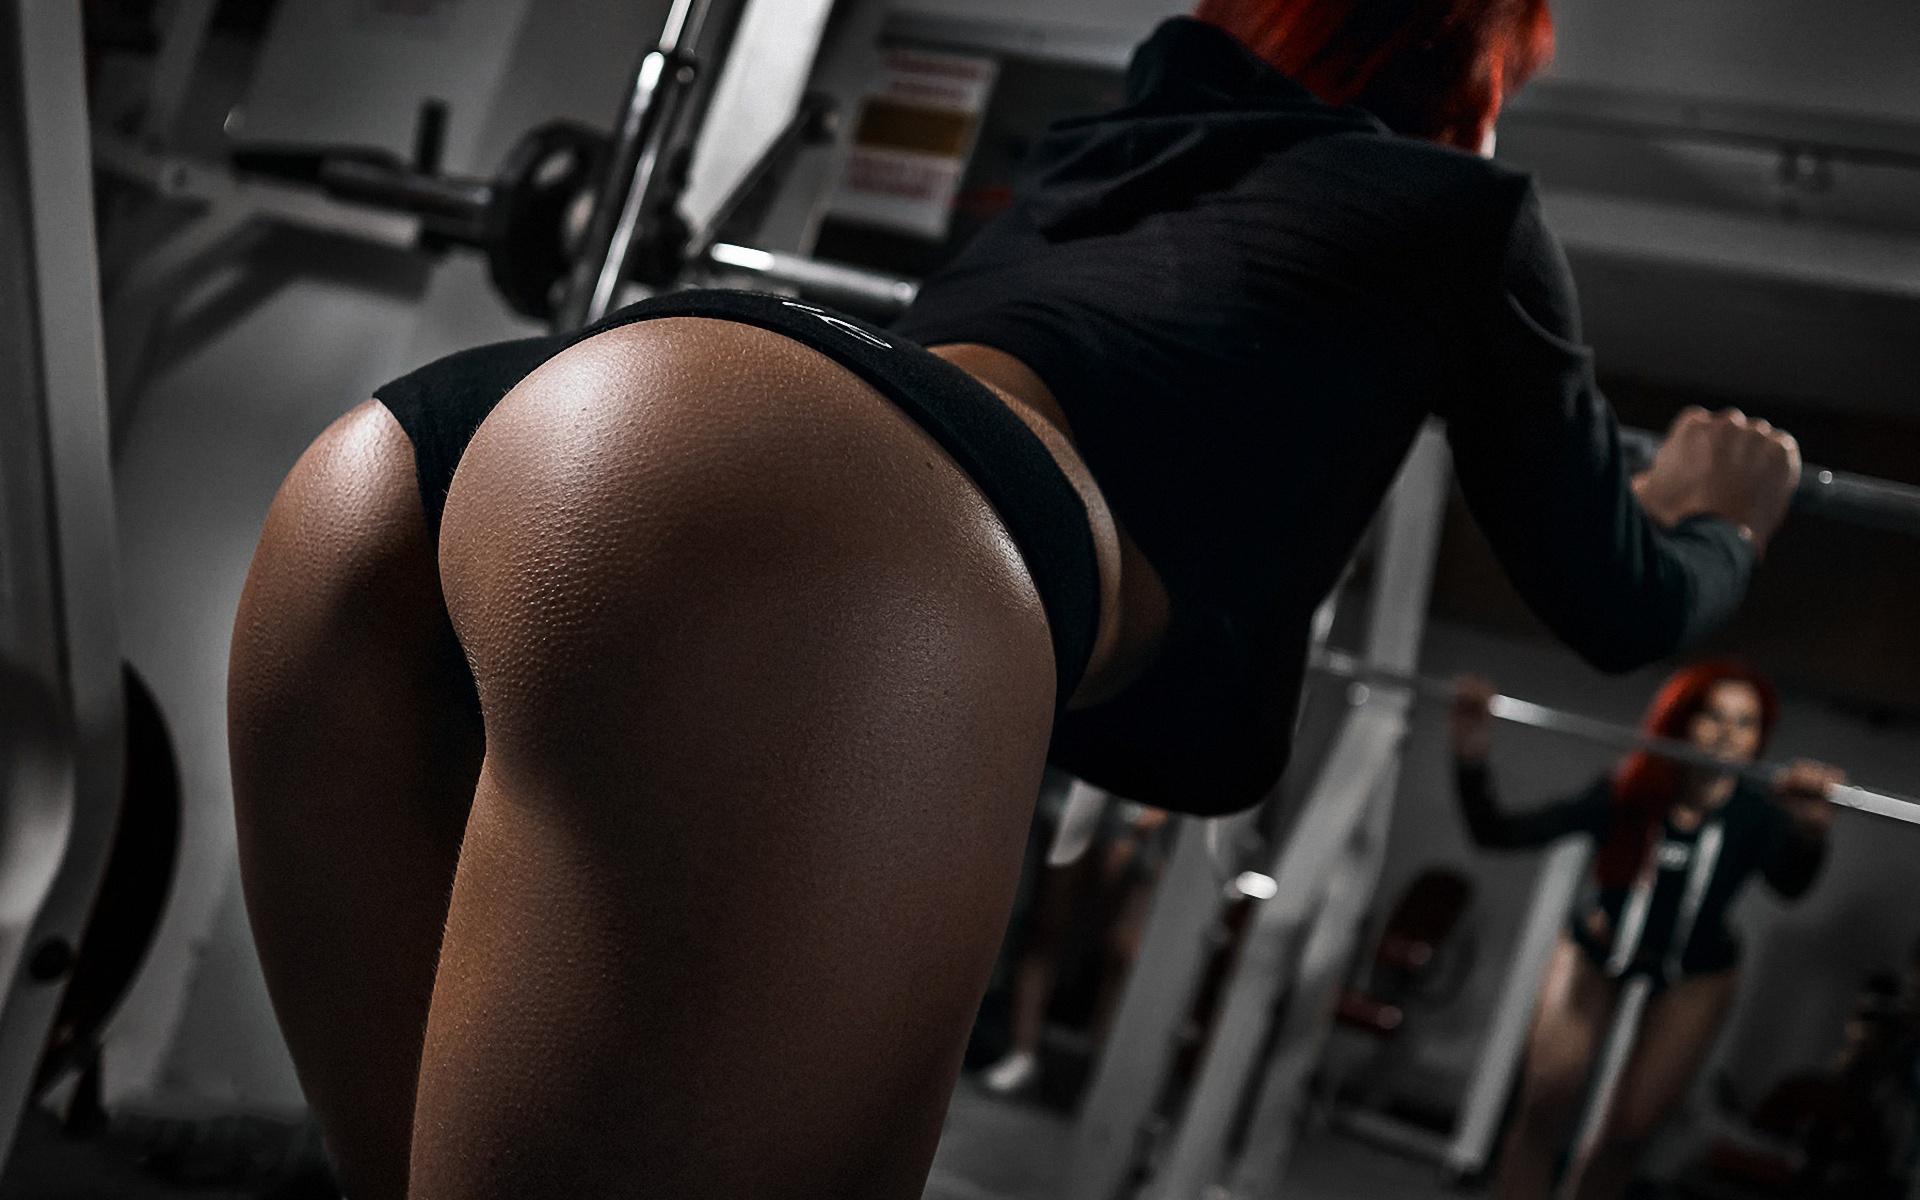 Упругие сочные попки девушек, Большие жопы, упругие задницы, попки, качественное 22 фотография